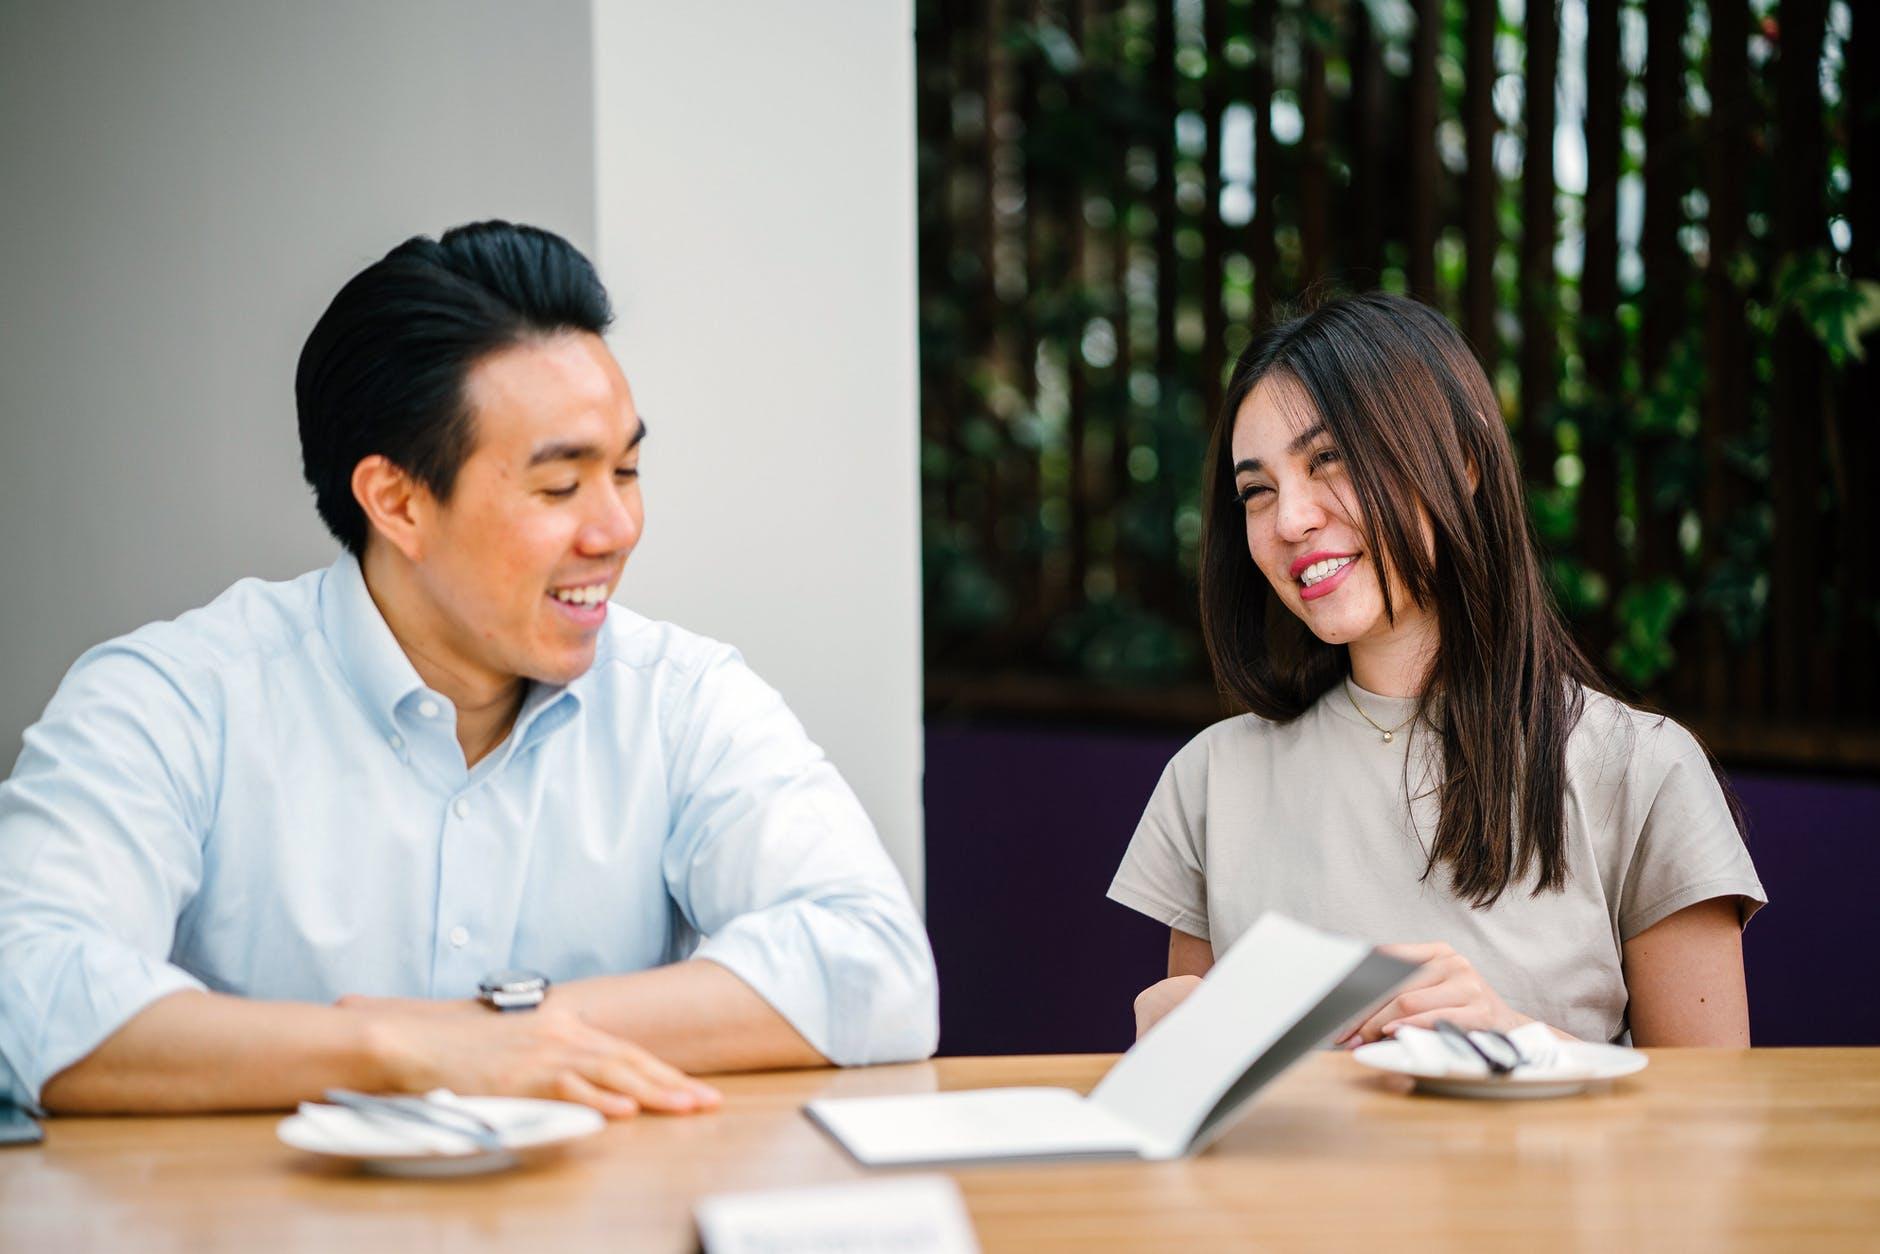 Những người EQ cao thường sở hữu 4 đặc điểm sau, dù chưa xuất sắc trong công việc nhưng đồng nghiệp lẫn sếp vẫn yêu quý hết mực! - Ảnh 3.